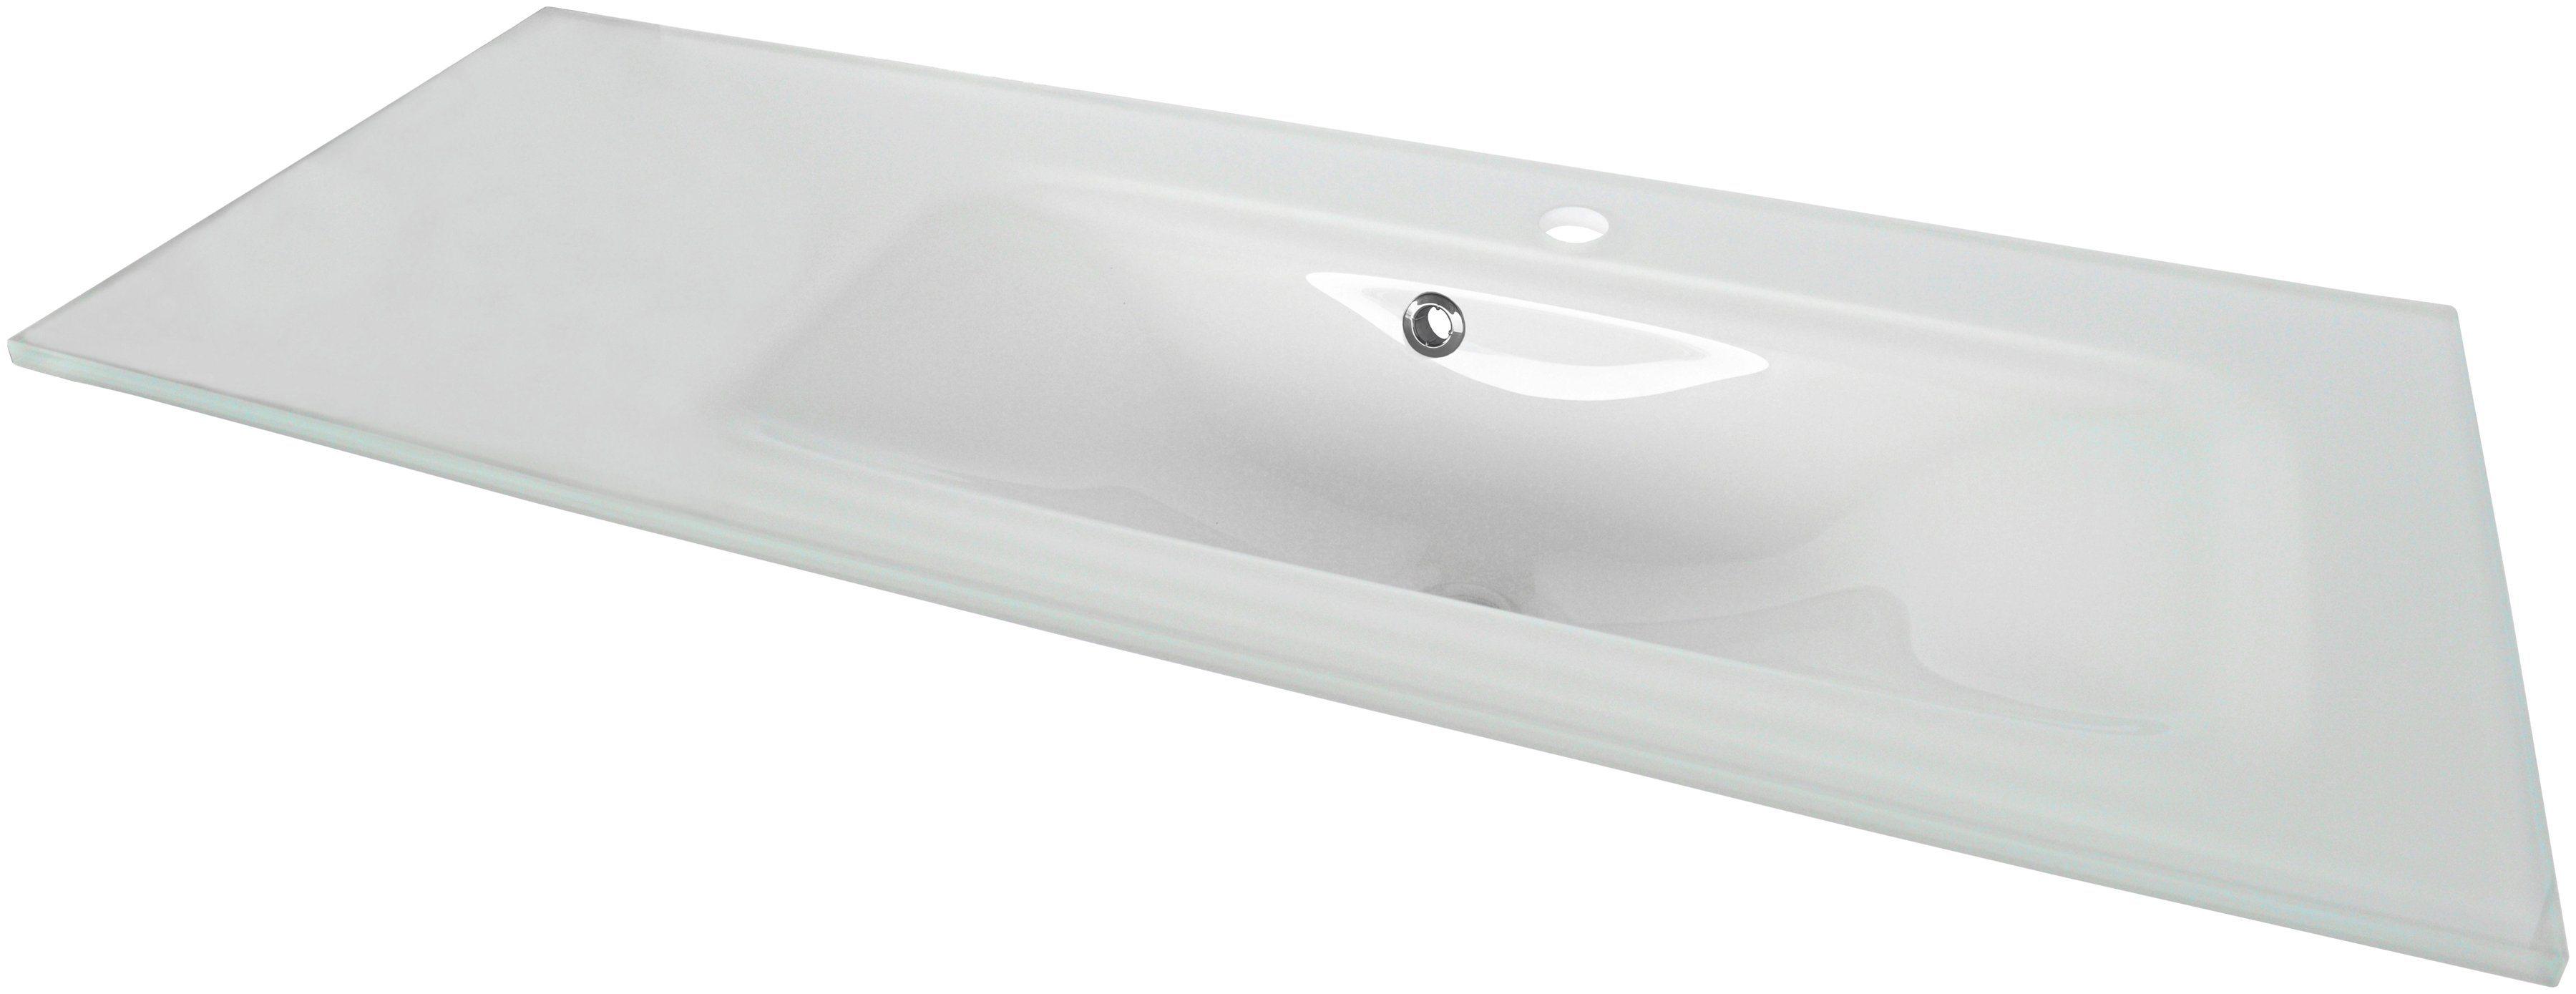 FACKELMANN Glas-Waschbecken »Yega«, Breite 110 cm | Bad > Waschbecken | FACKELMANN